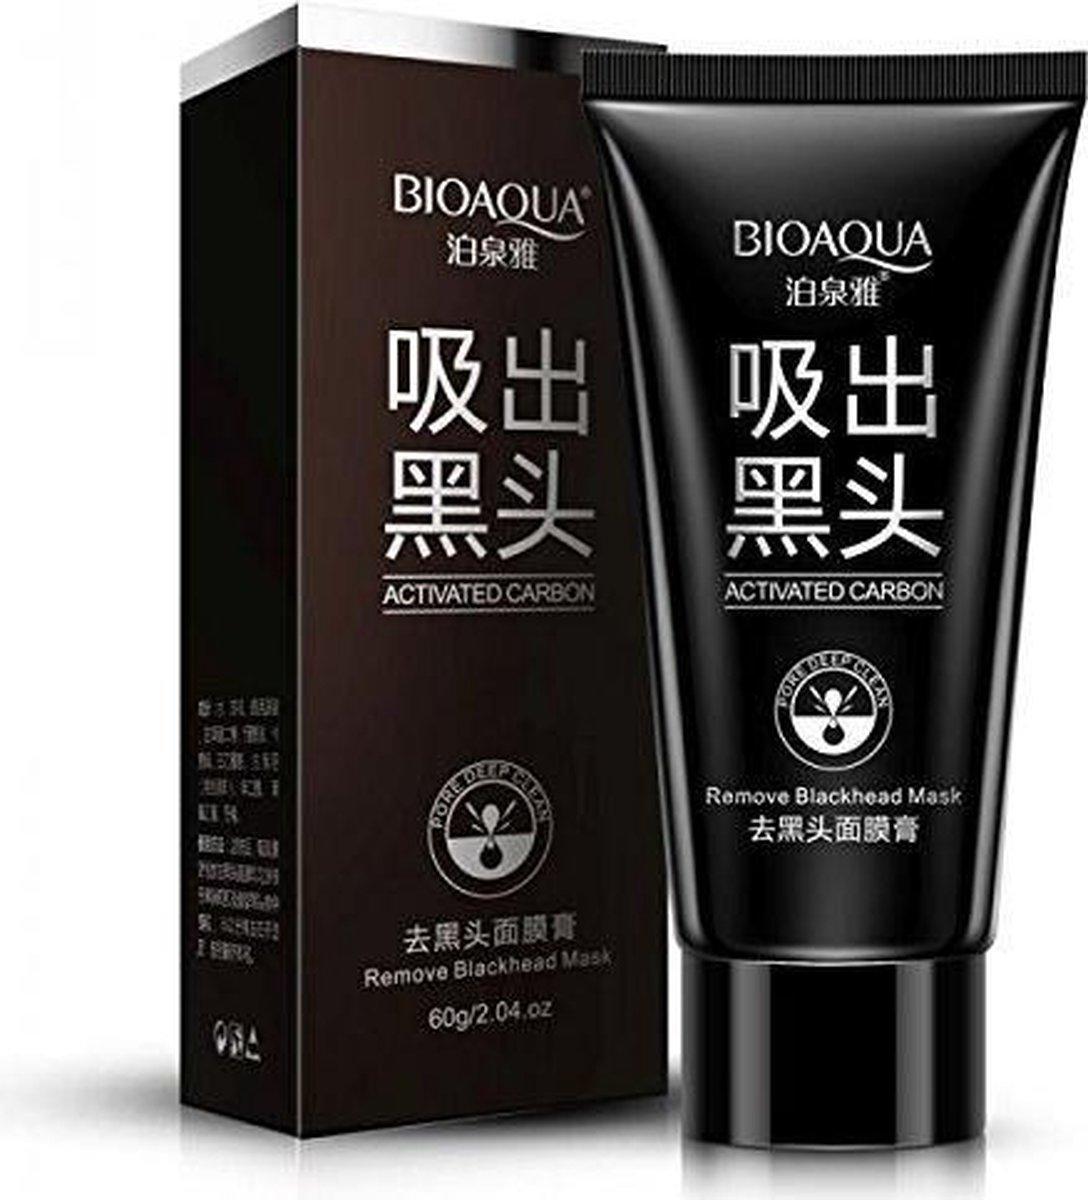 BIOAQUA Blackhead Remover Mask,Nose Acne Blackhead Remover Mask,Peel Off Mask, Charcoal Mask,(2.11 oz) - Merkloos